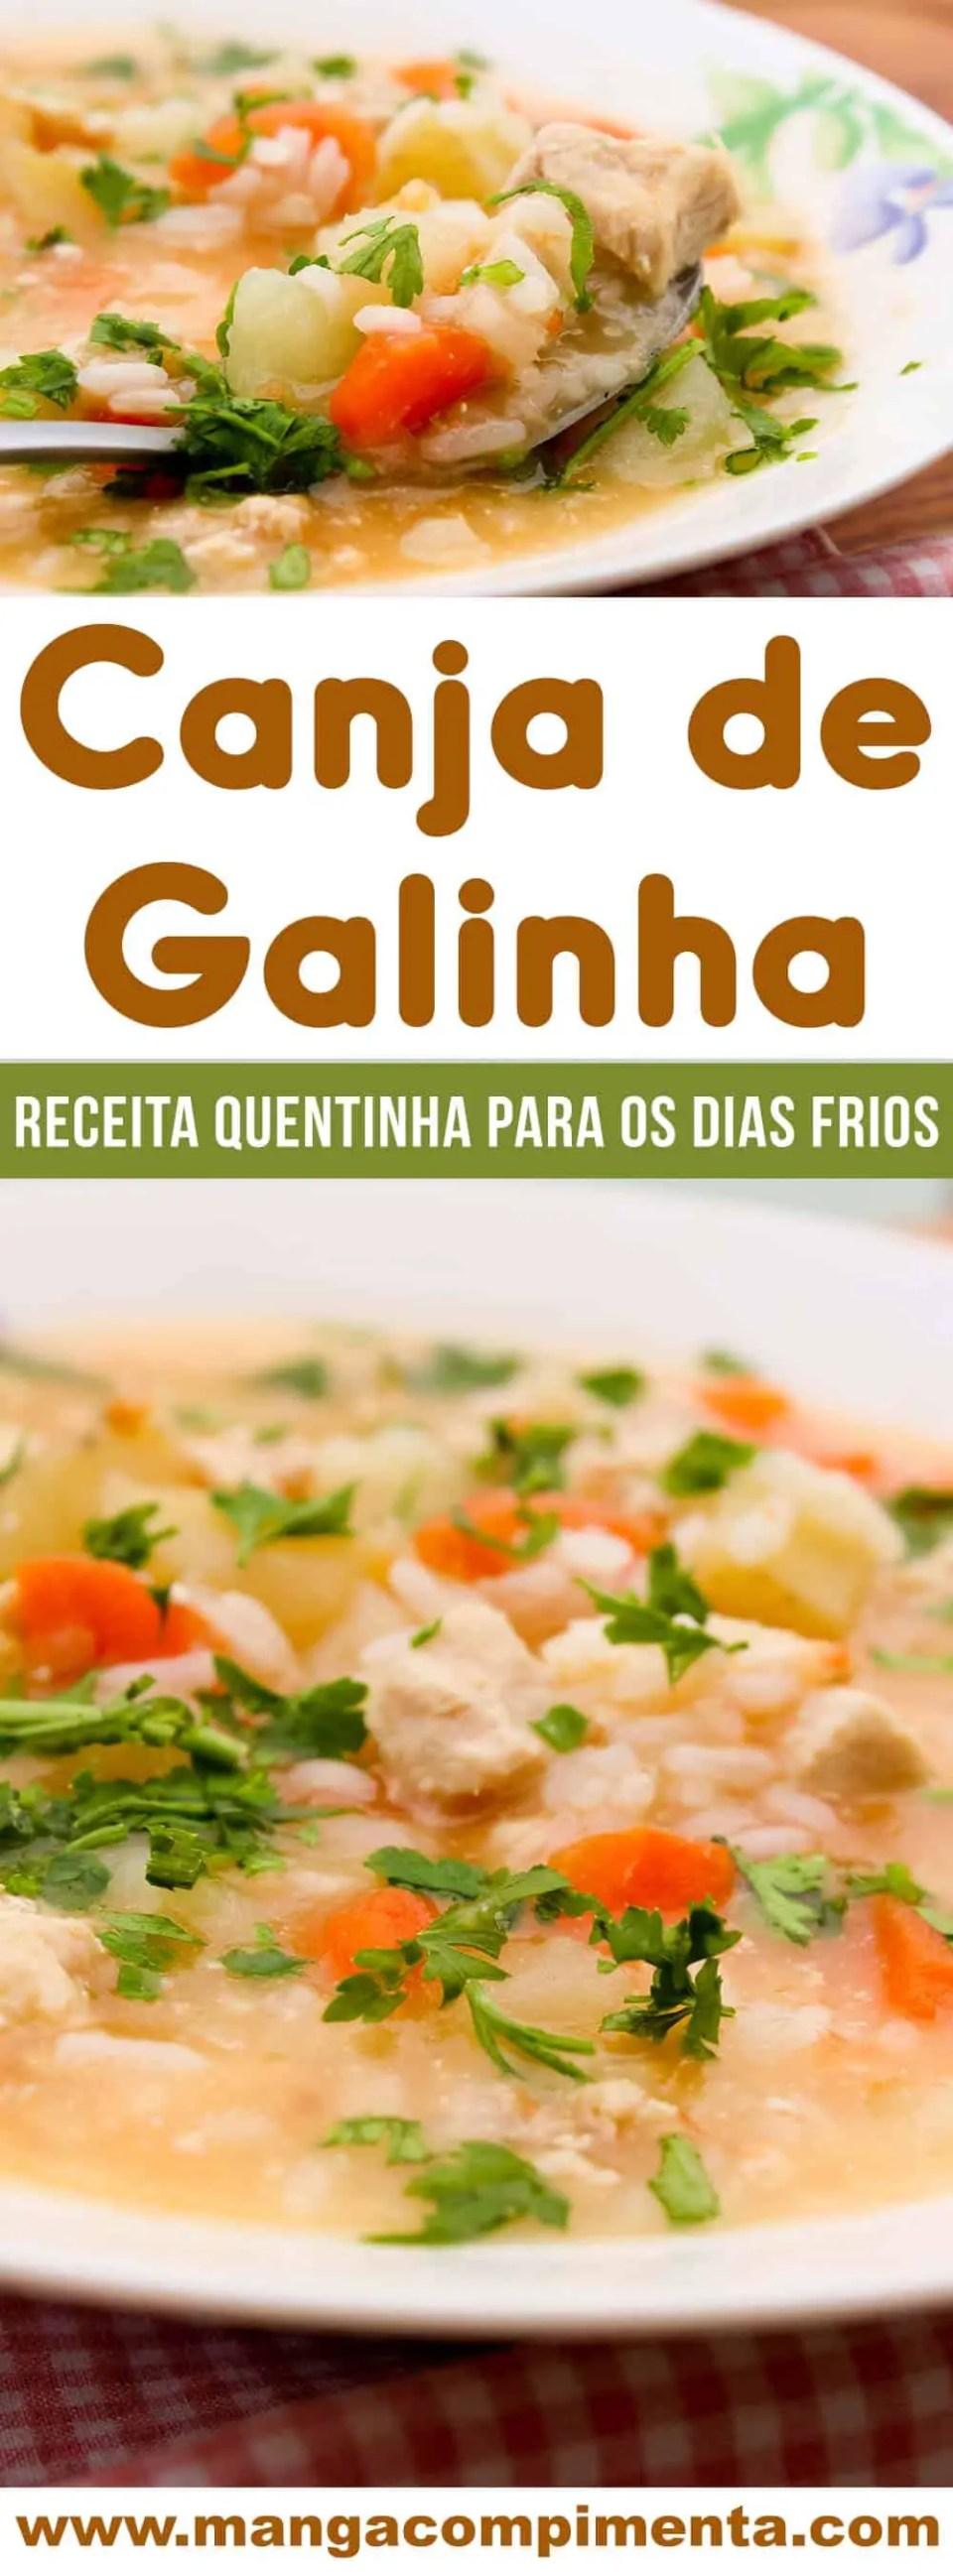 Receita de Canja de Galinha - um prato da vovó para esquentar nos dias frios!